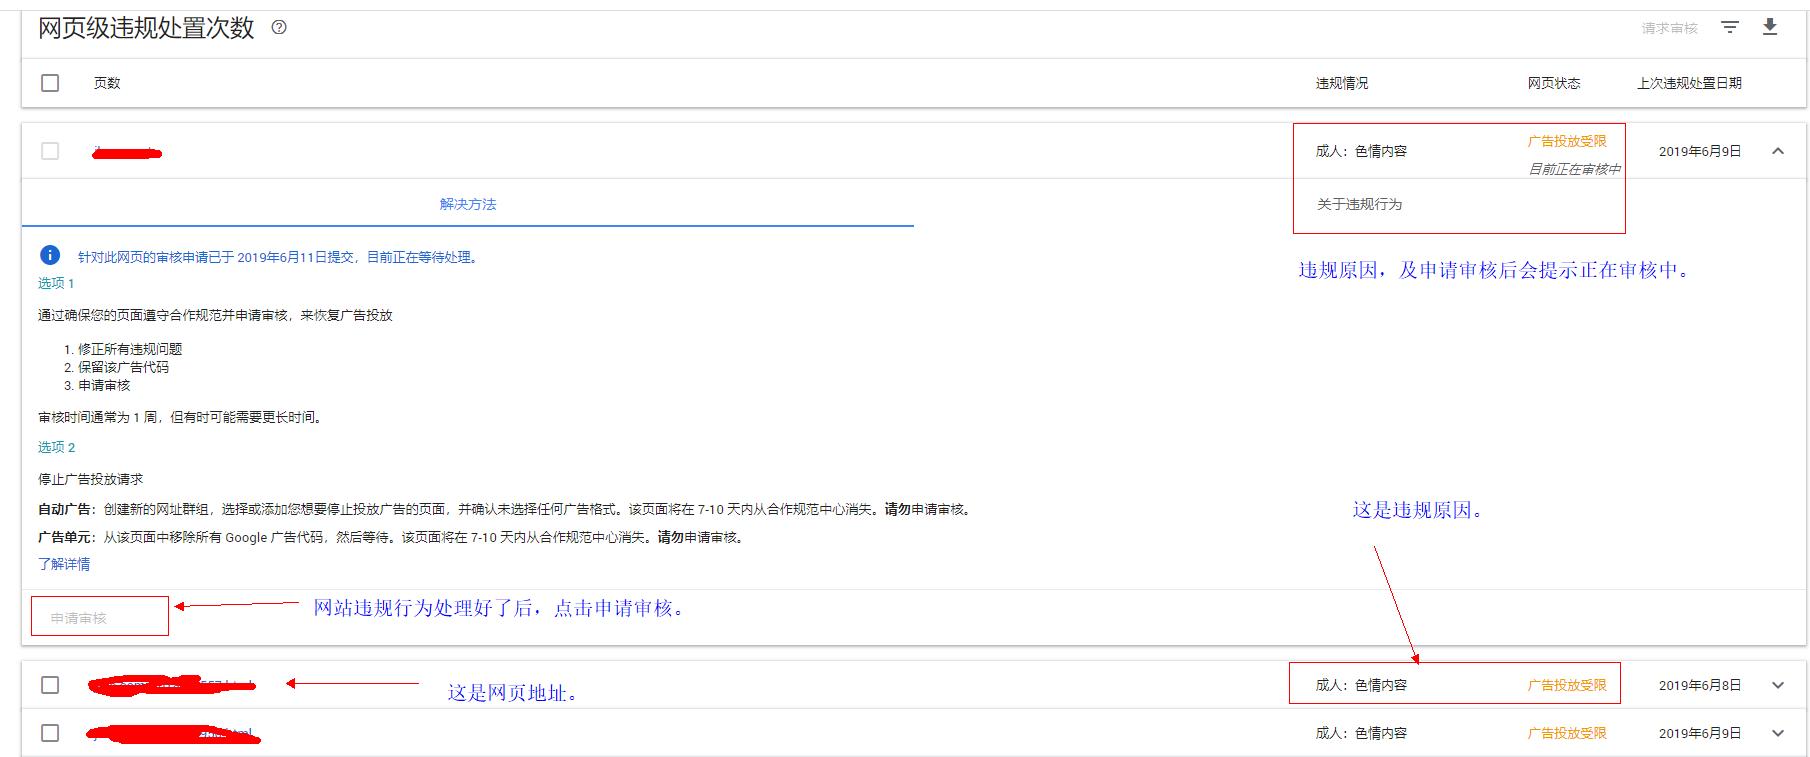 google广告违规处理,1分钟让你明白什么是违规行为 3